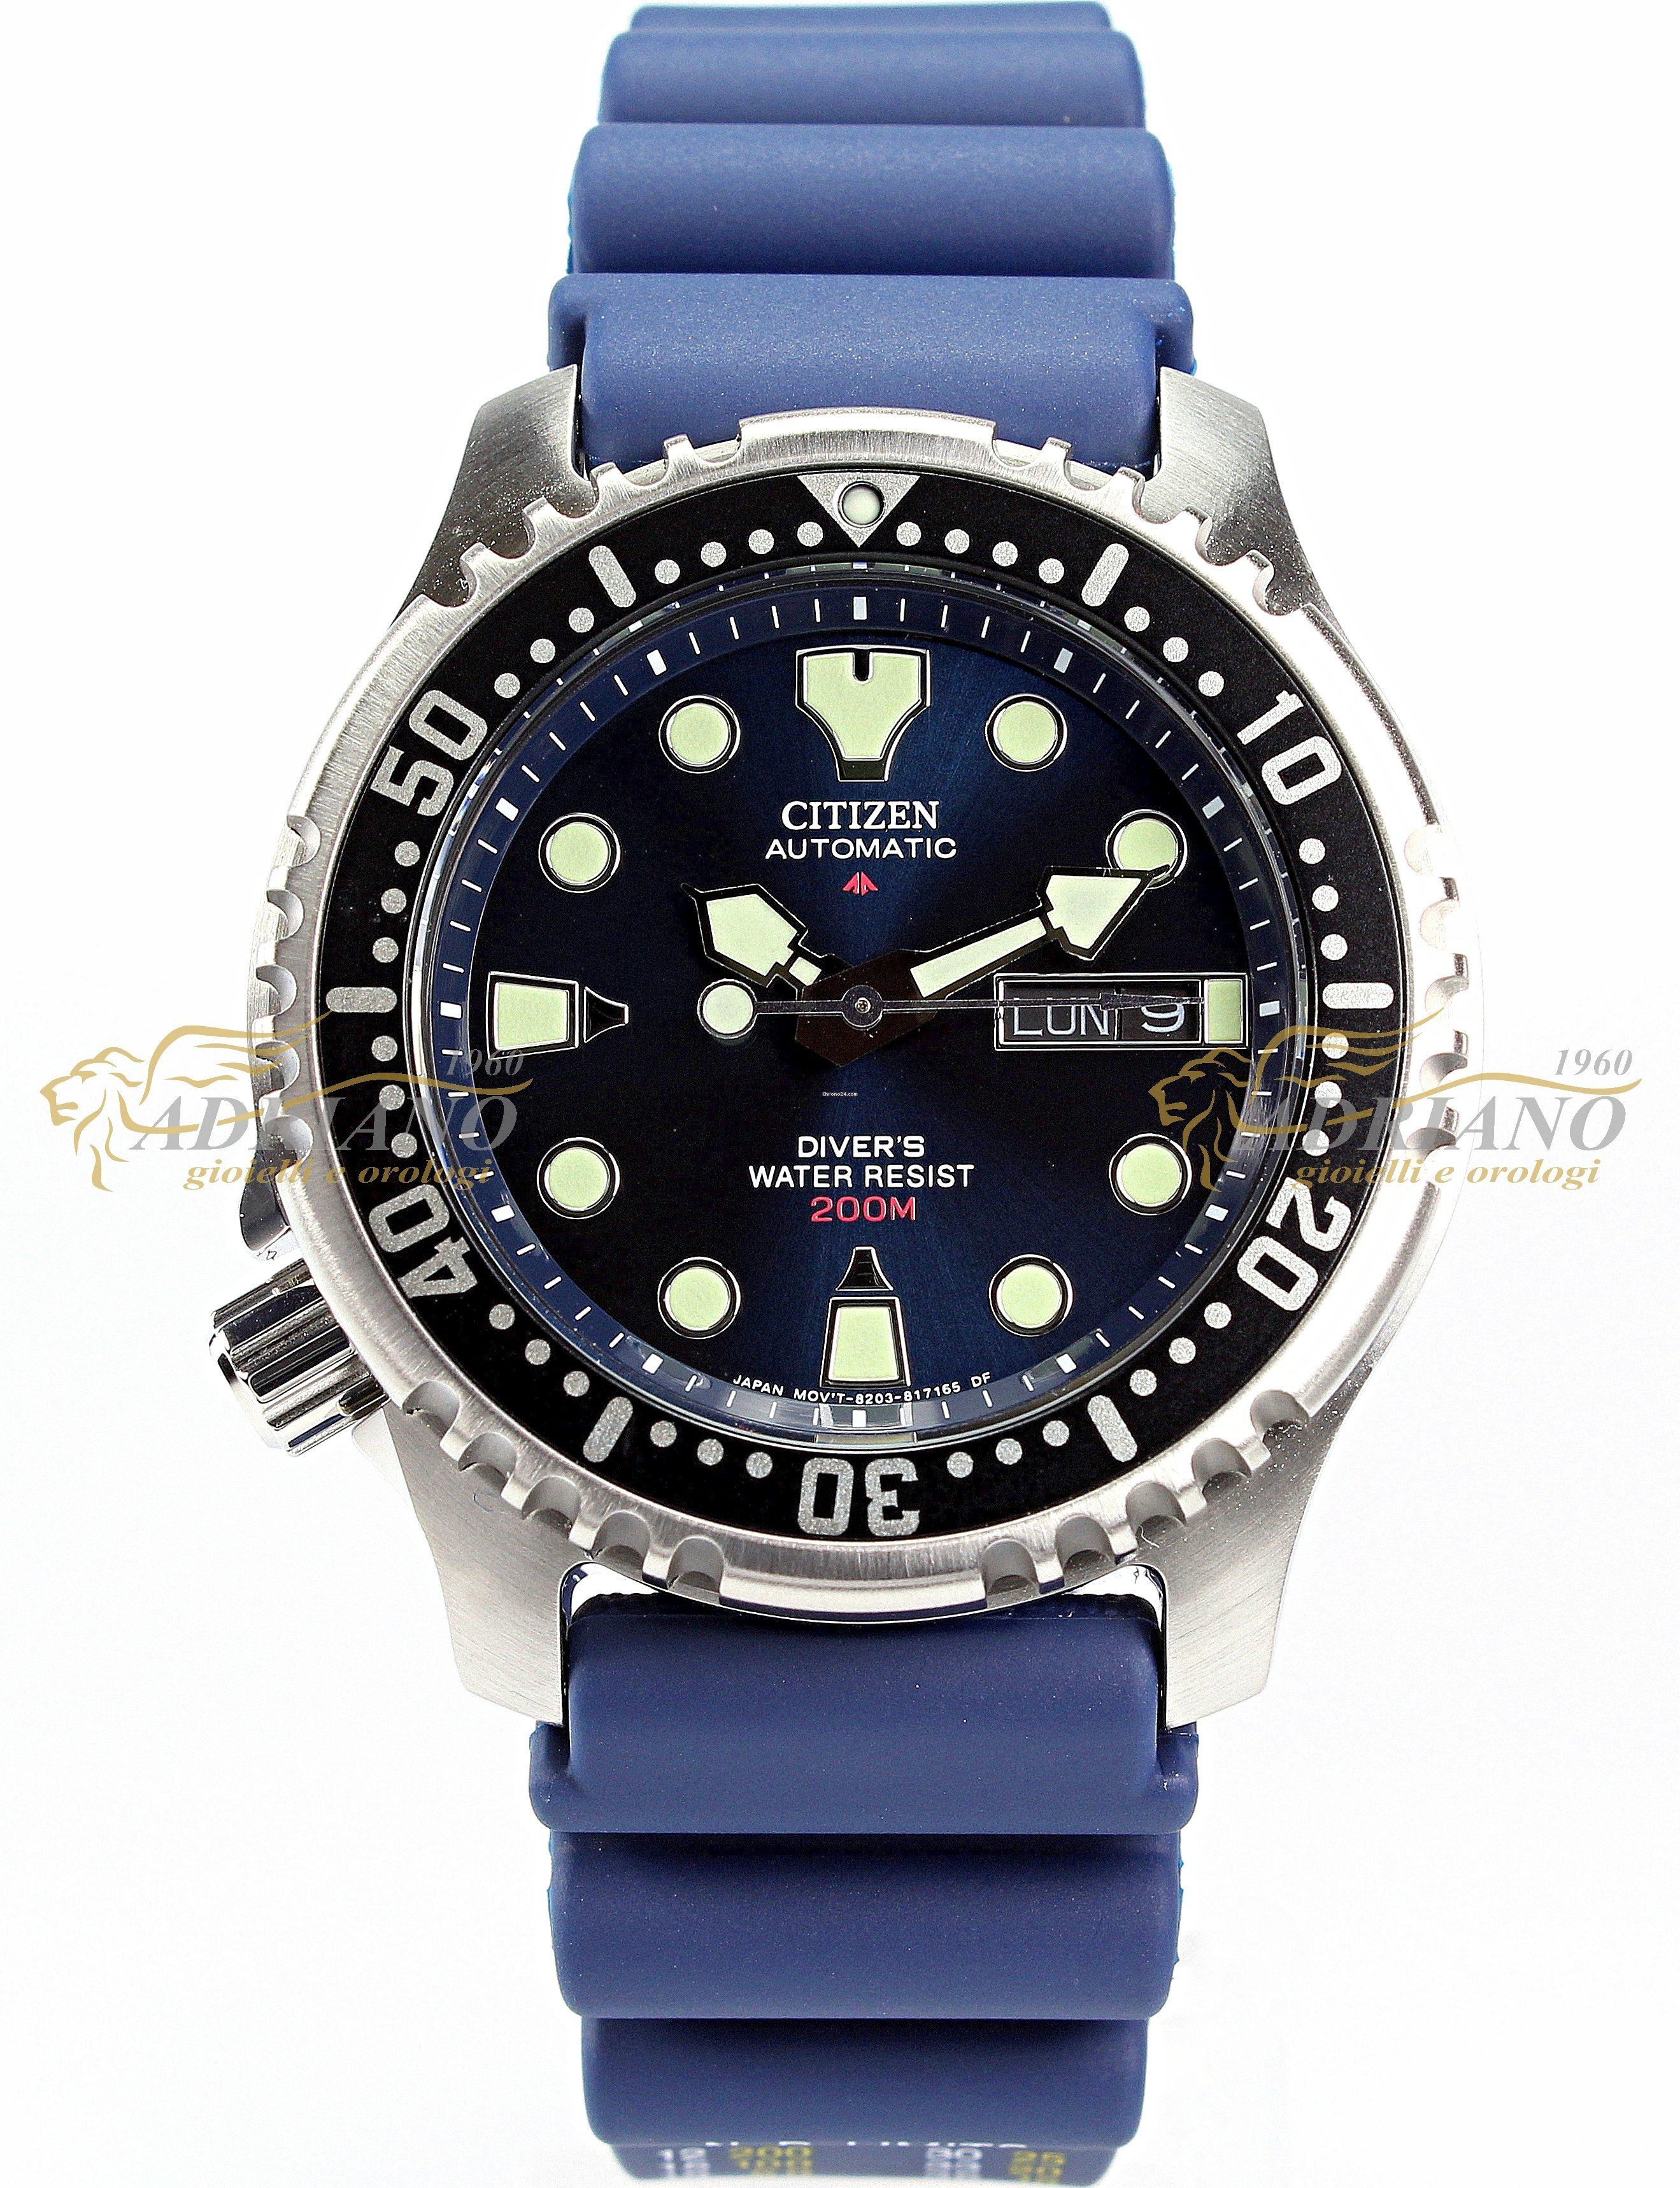 cerca autentico trova il prezzo più basso miglior prezzo Vendesi Citizen NY0040-17L Promaster Aqualand Automatic ...